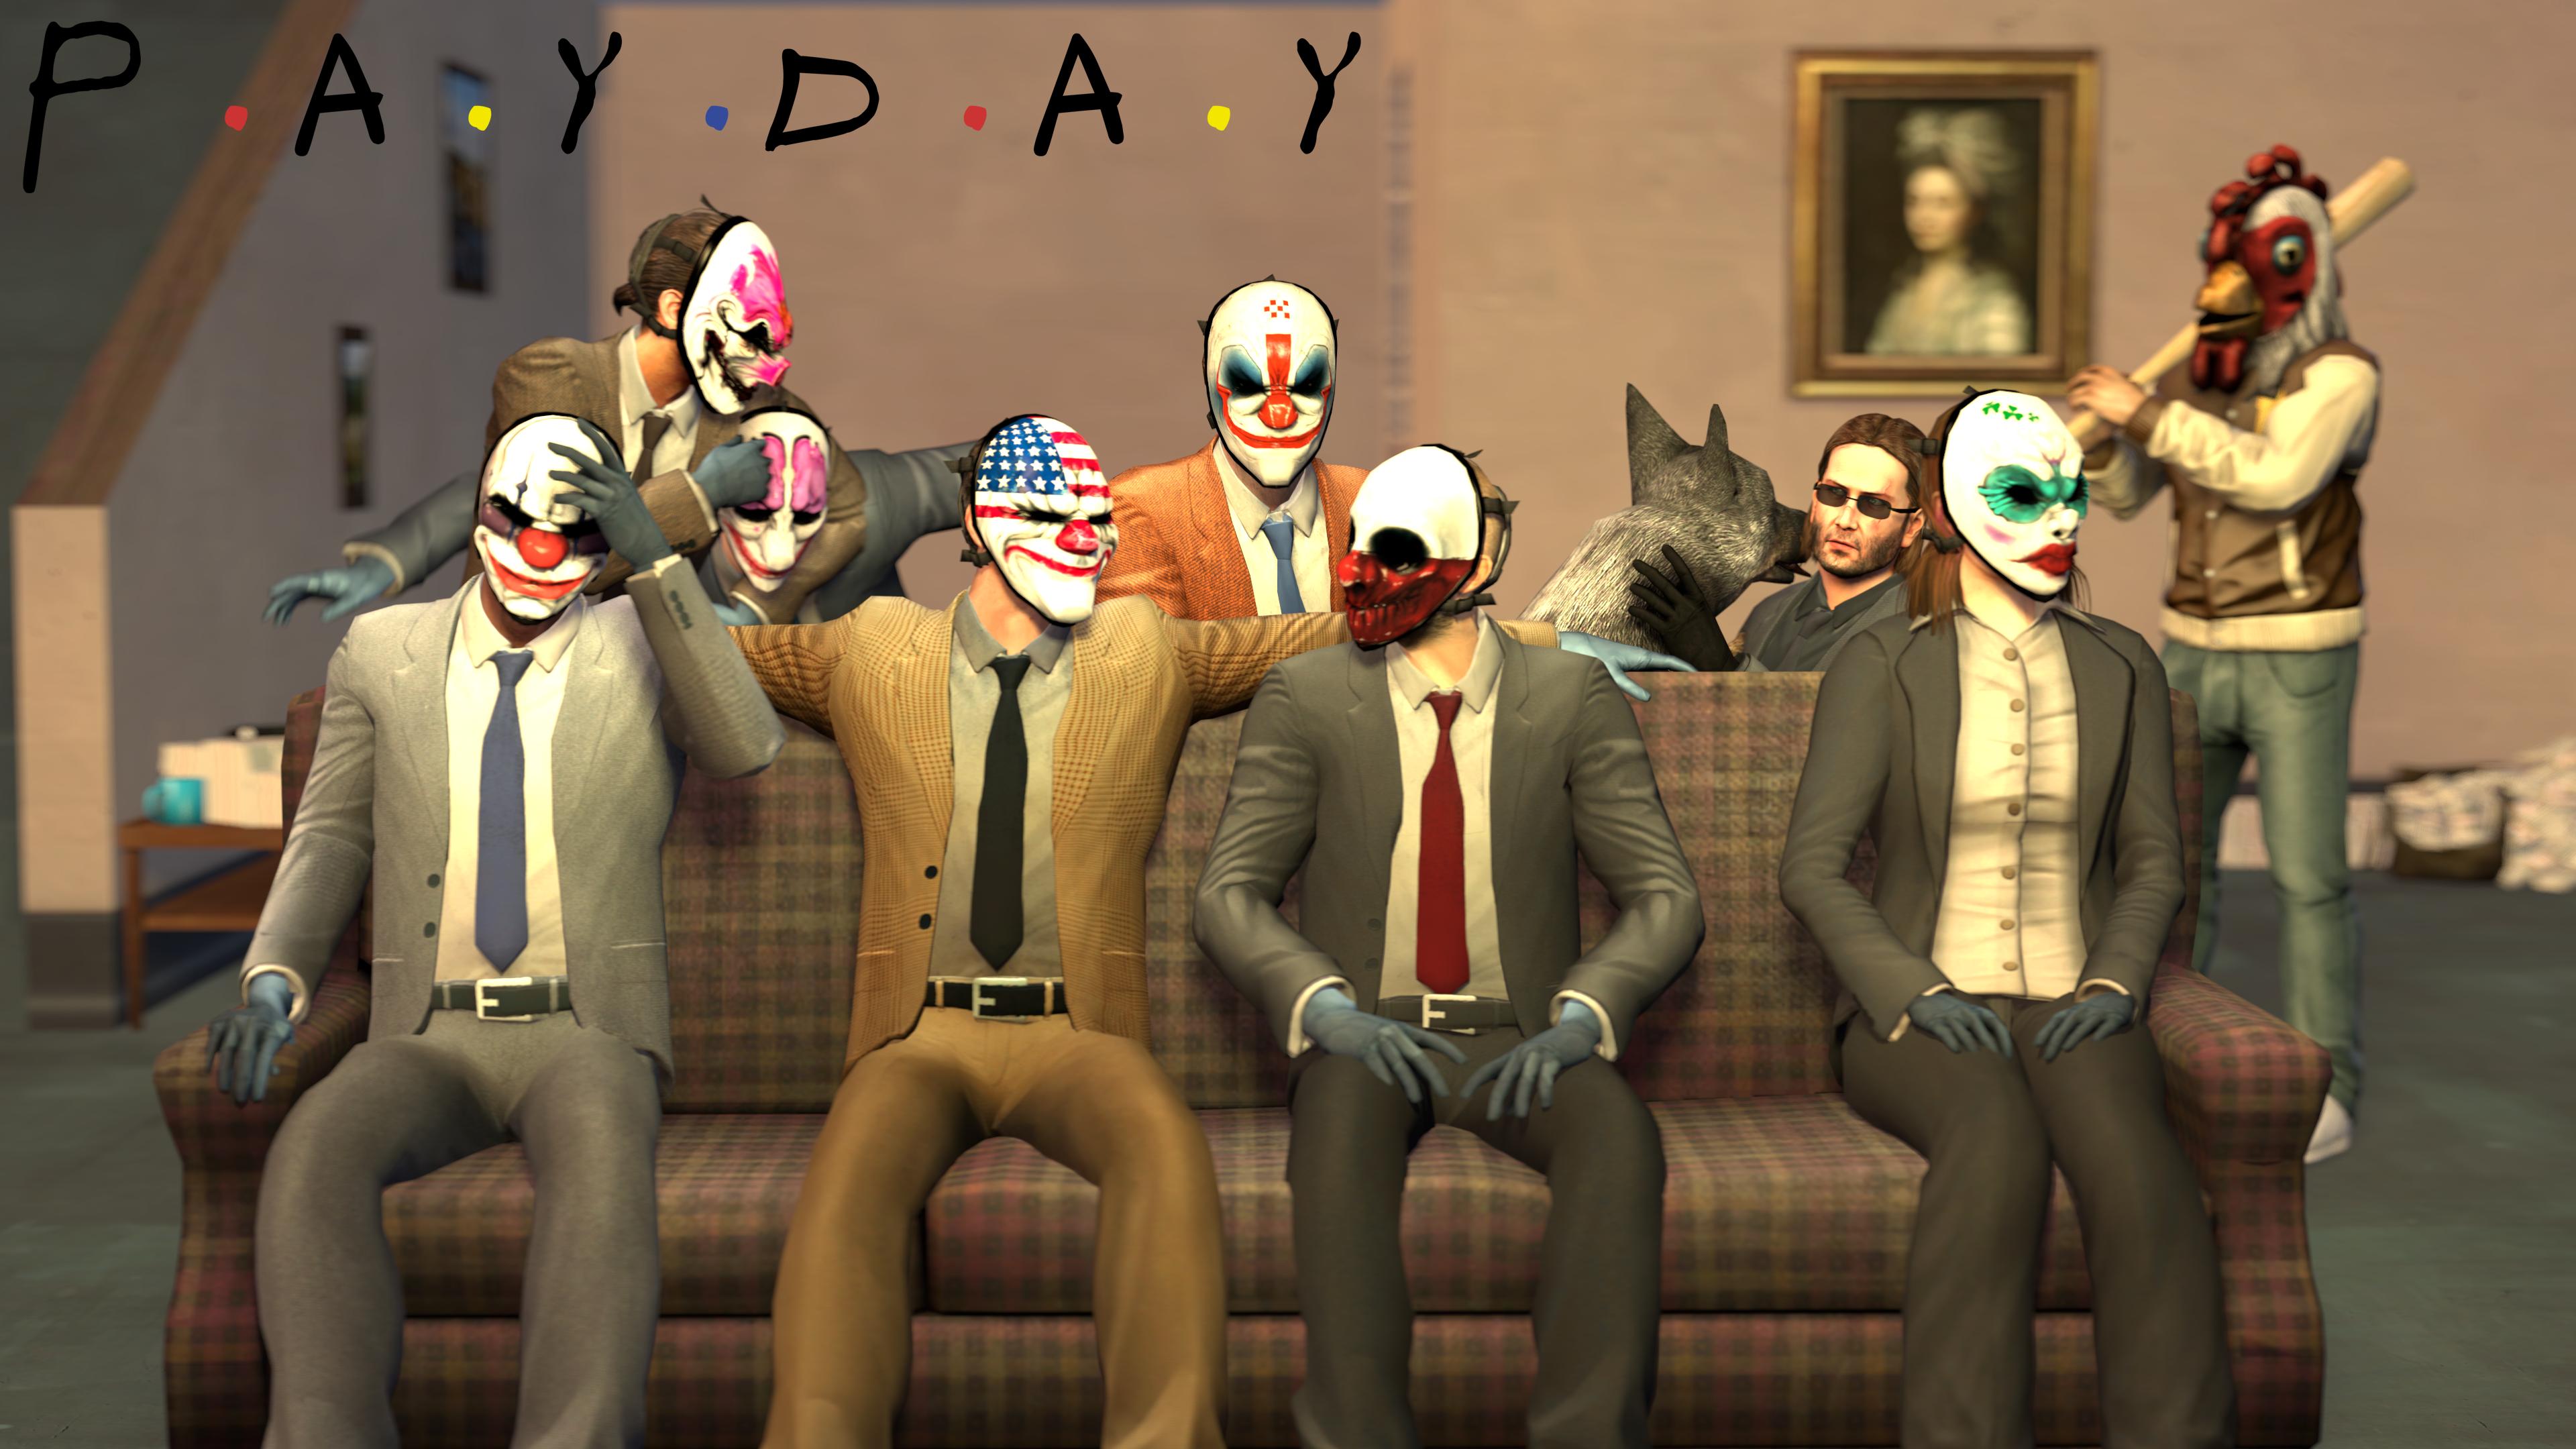 SFMVideo: Payday the Sitcom by PatrickJr